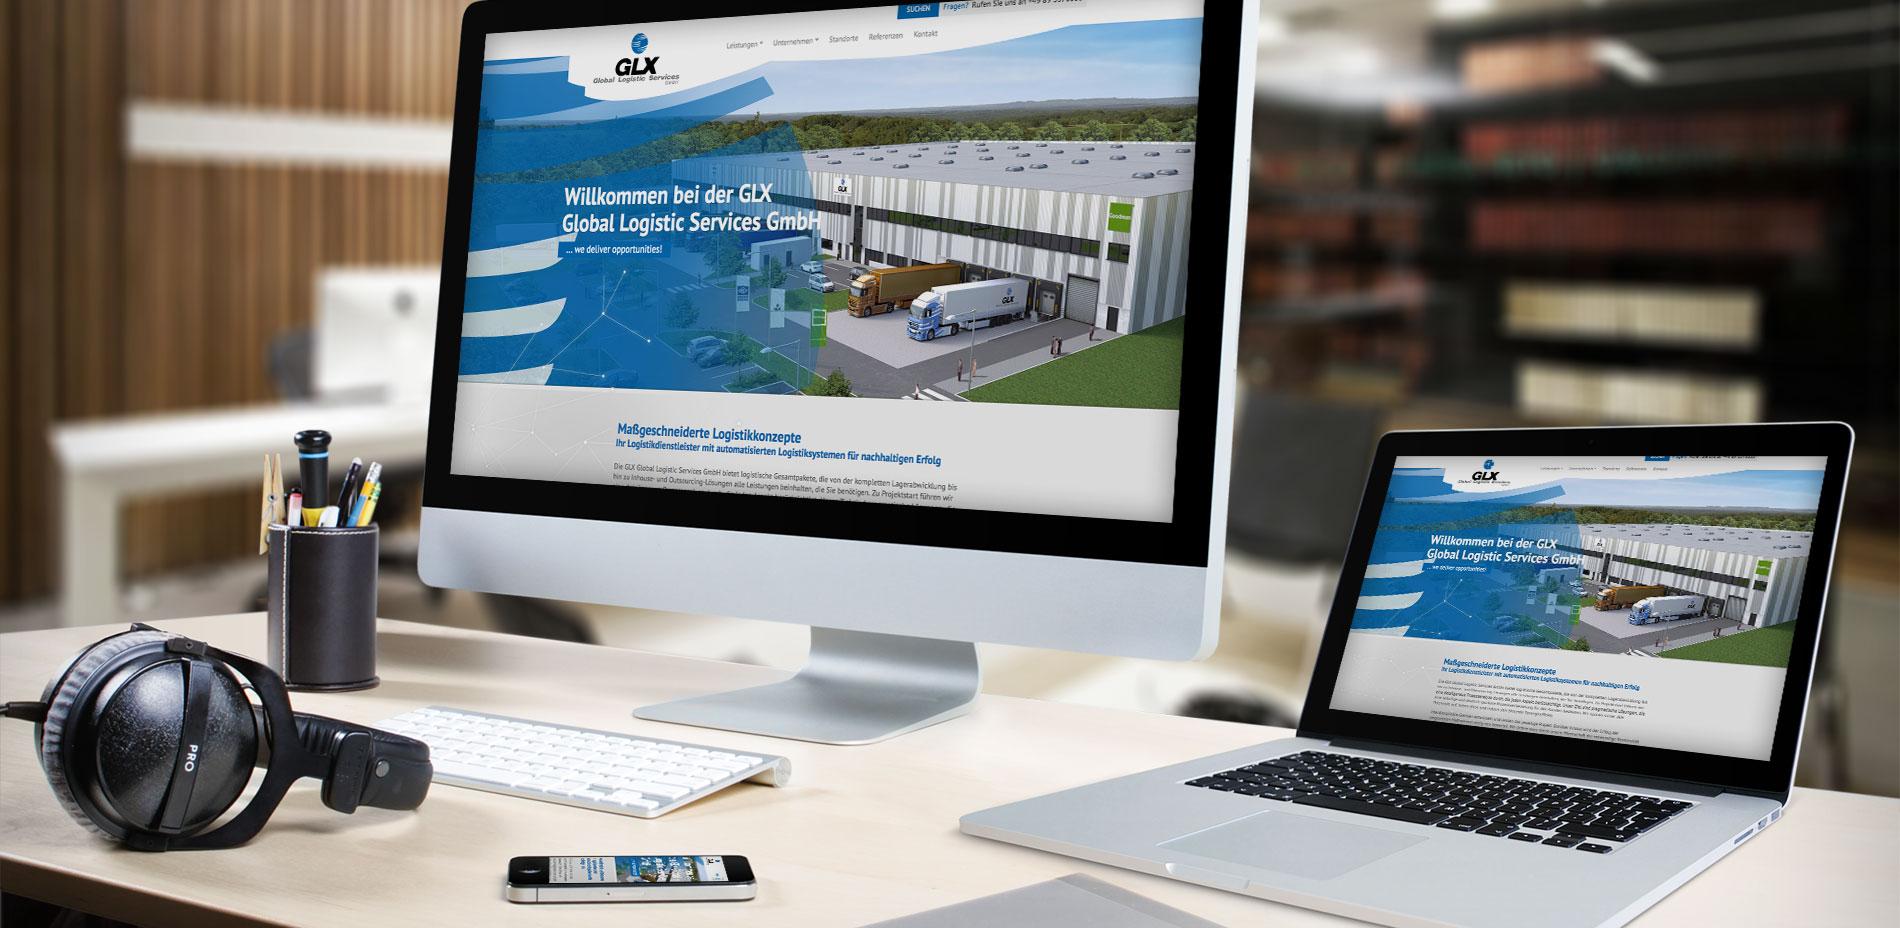 GLX Logistik TYPO3 CMS